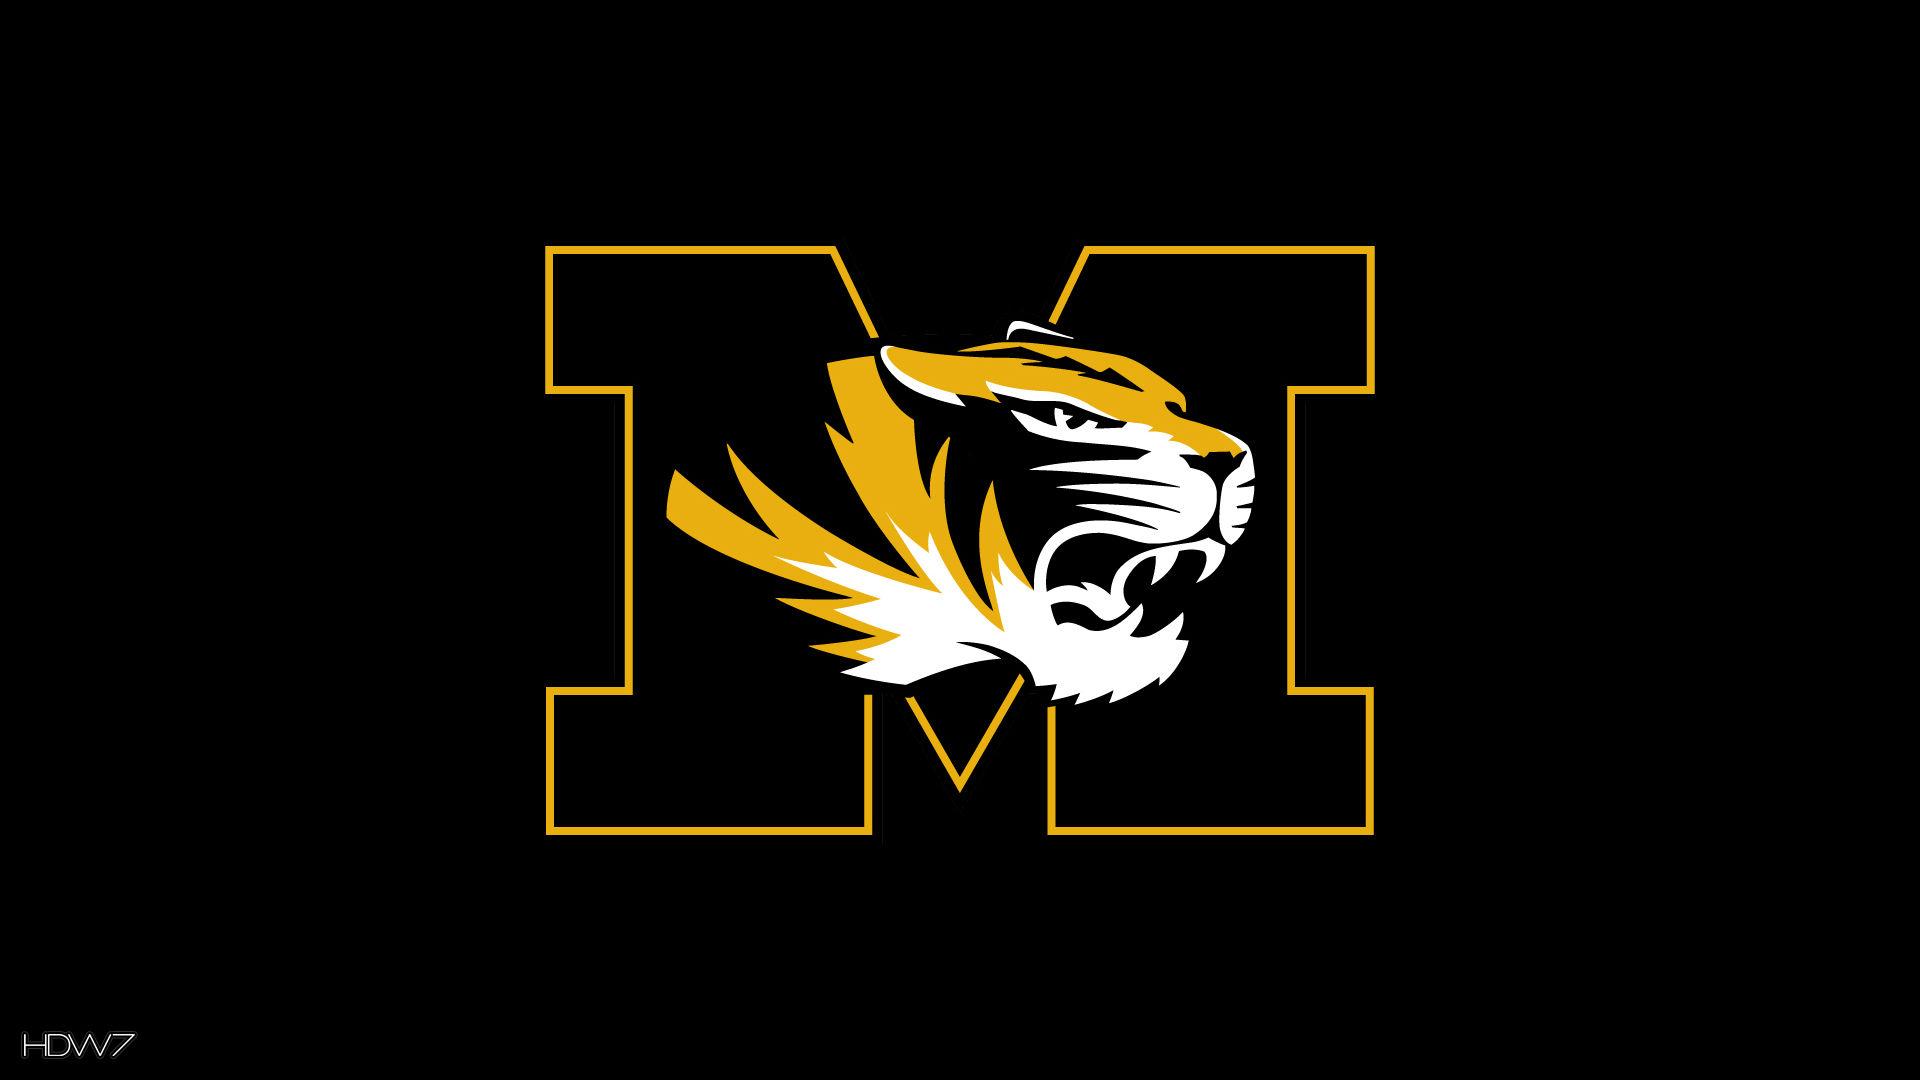 Logo Mizzou Missouri Tigers 1920x1080